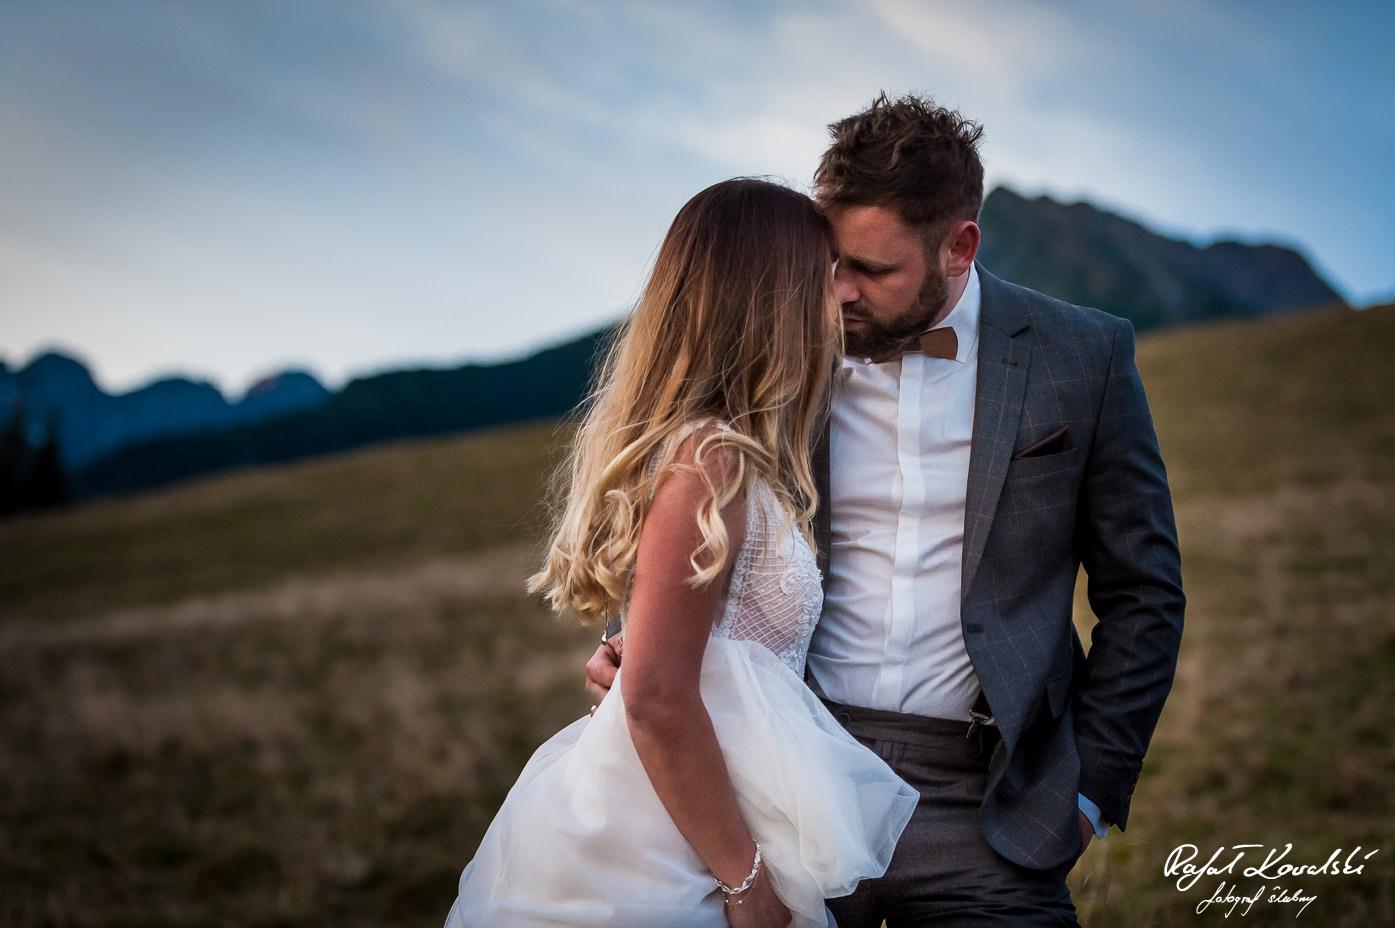 Sesja ślubna w Tatrach to niezapomniane przeżycie zarówno dla pary młodej jak i dla fotografa